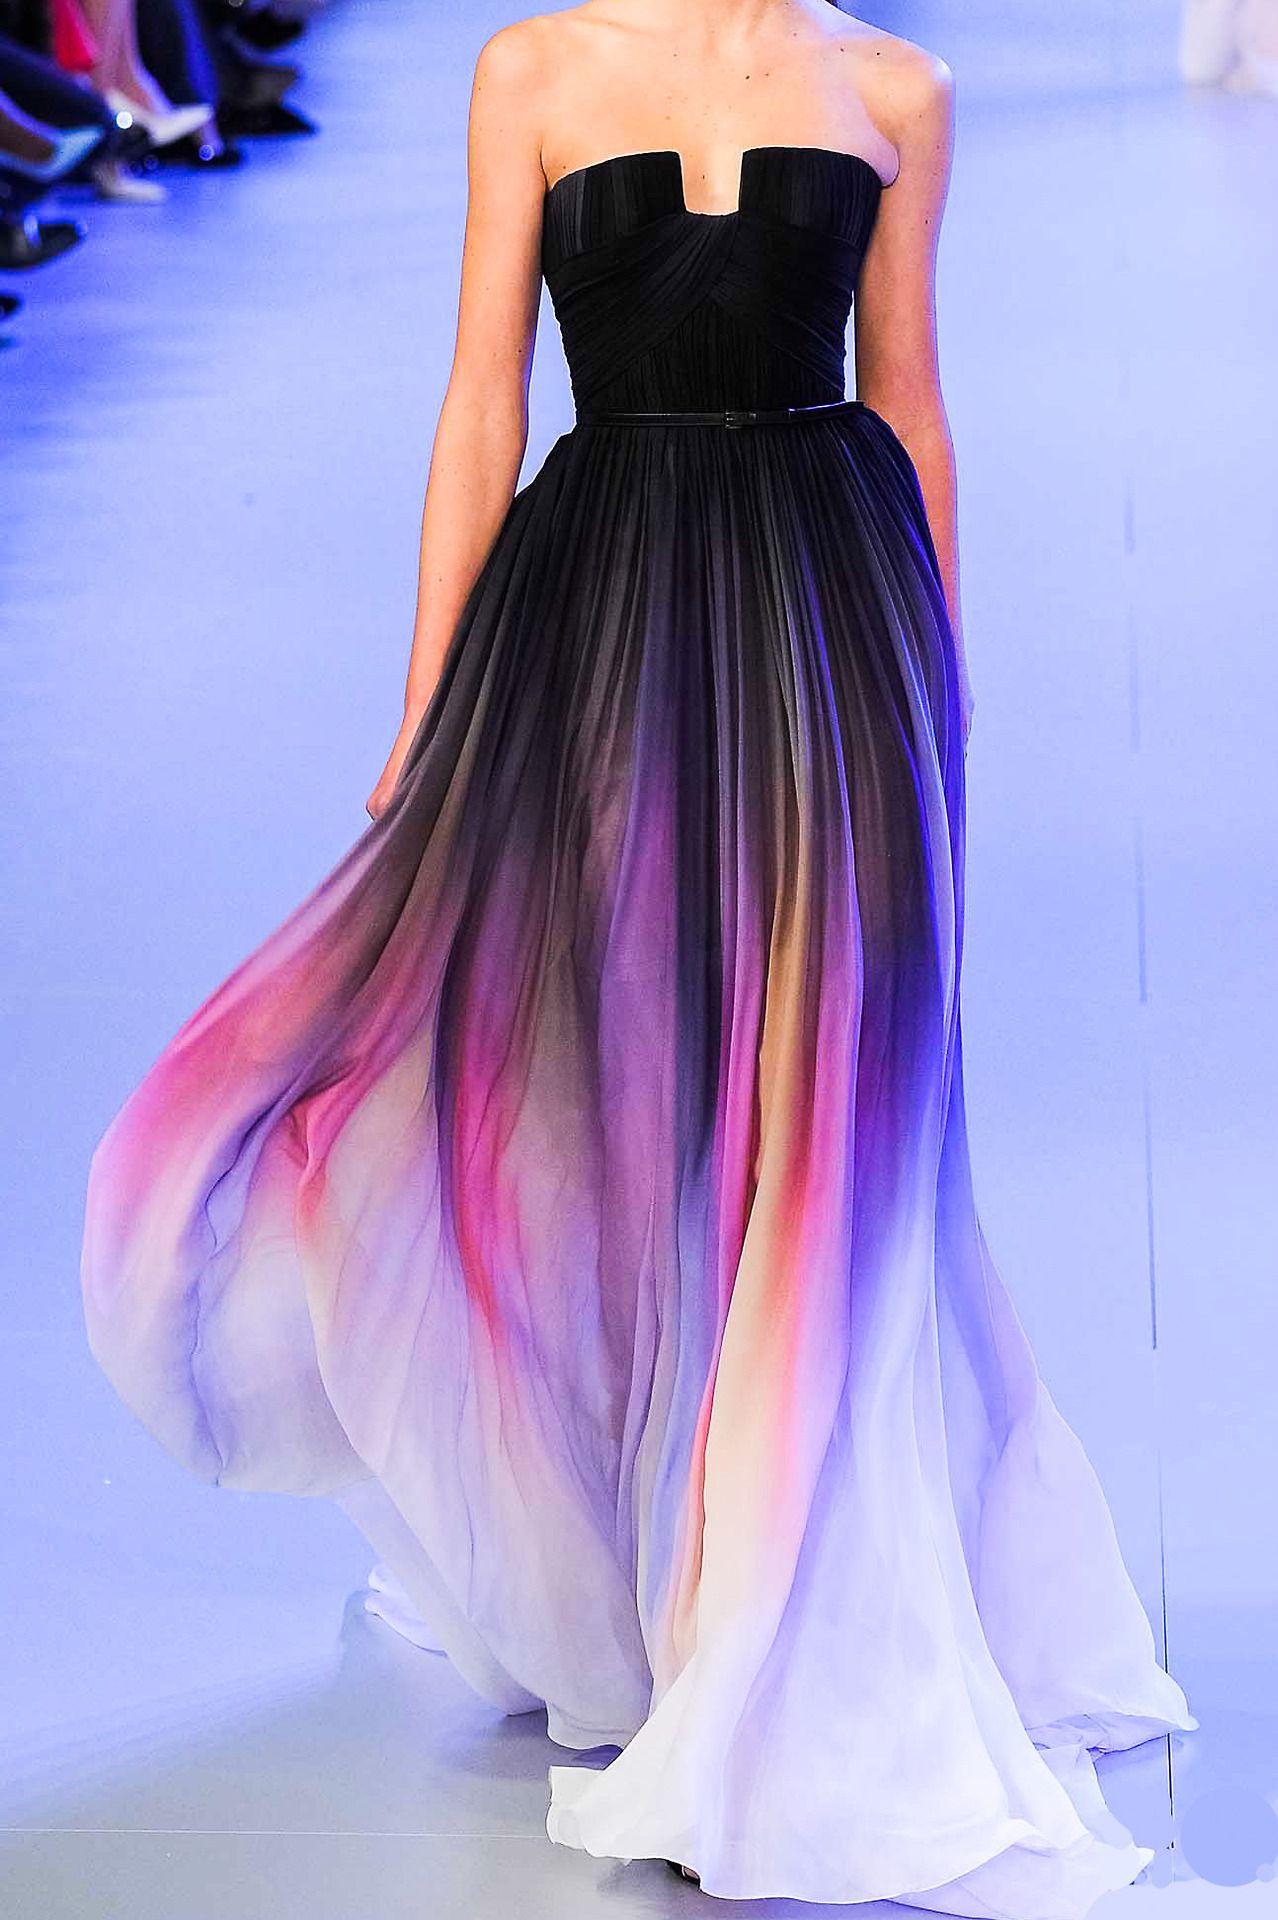 vestido flor | Get in my closet | Pinterest | Vestiditos, Flor y Noche